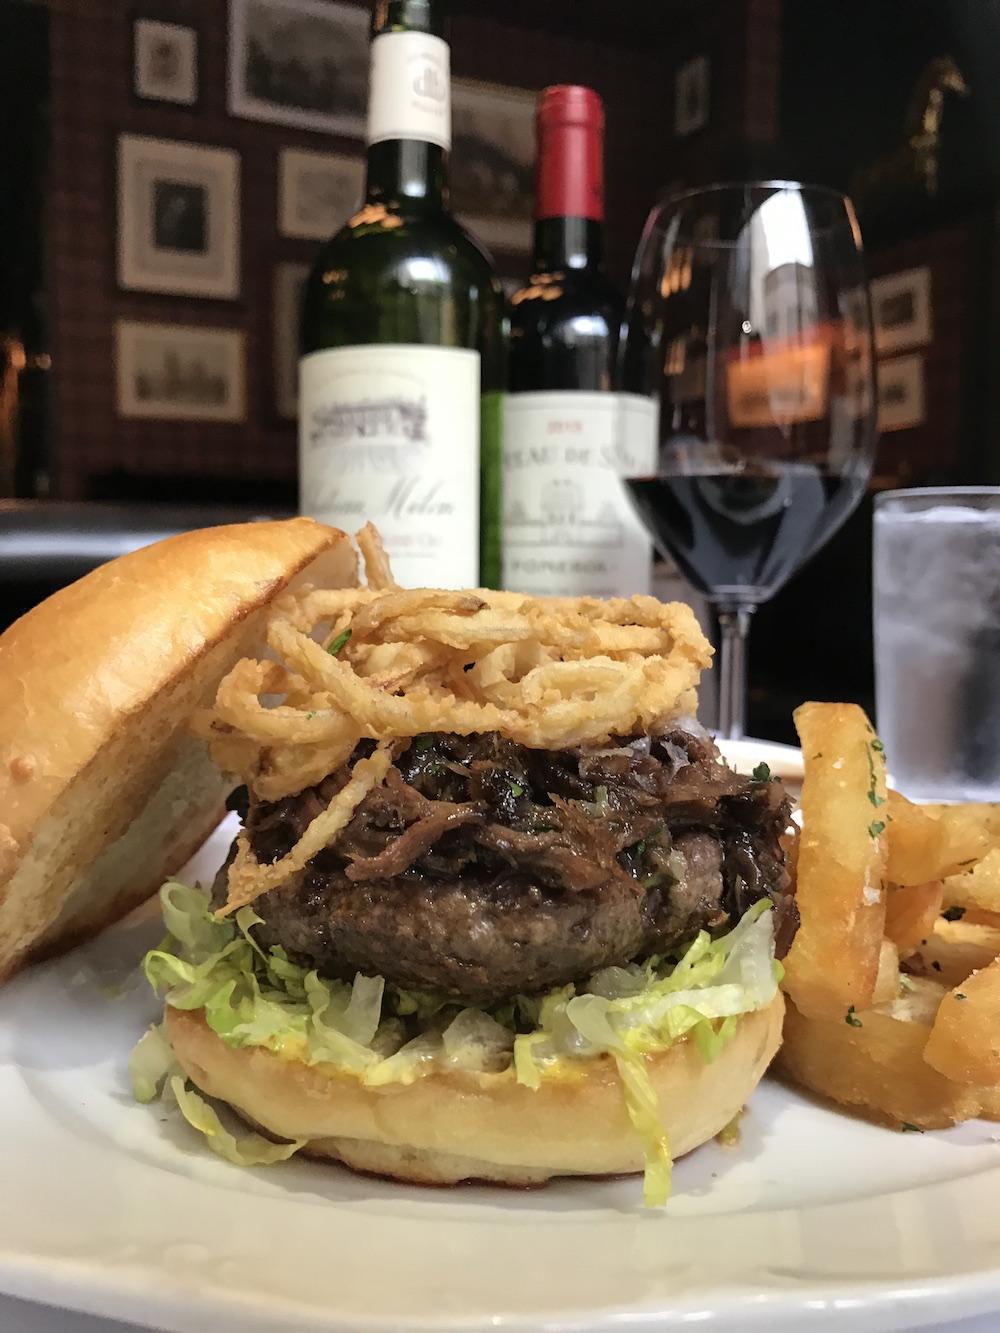 The Cavalier burger